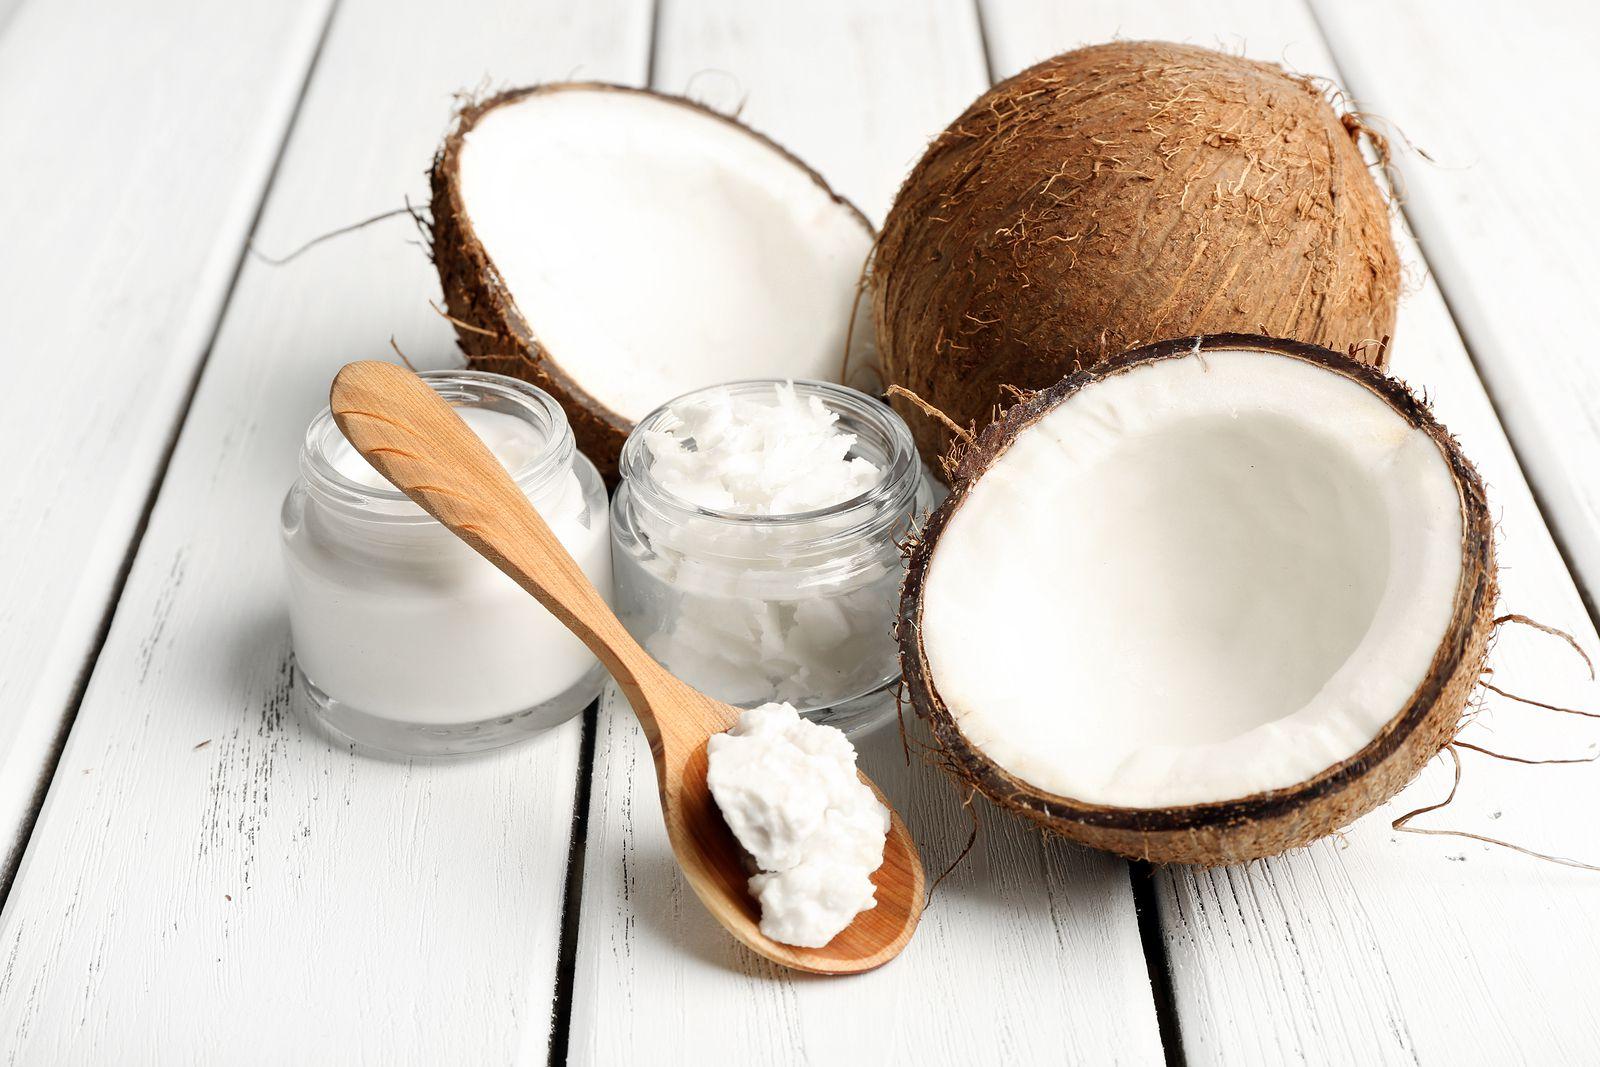 pentru ce se foloseste uleiul de cocos